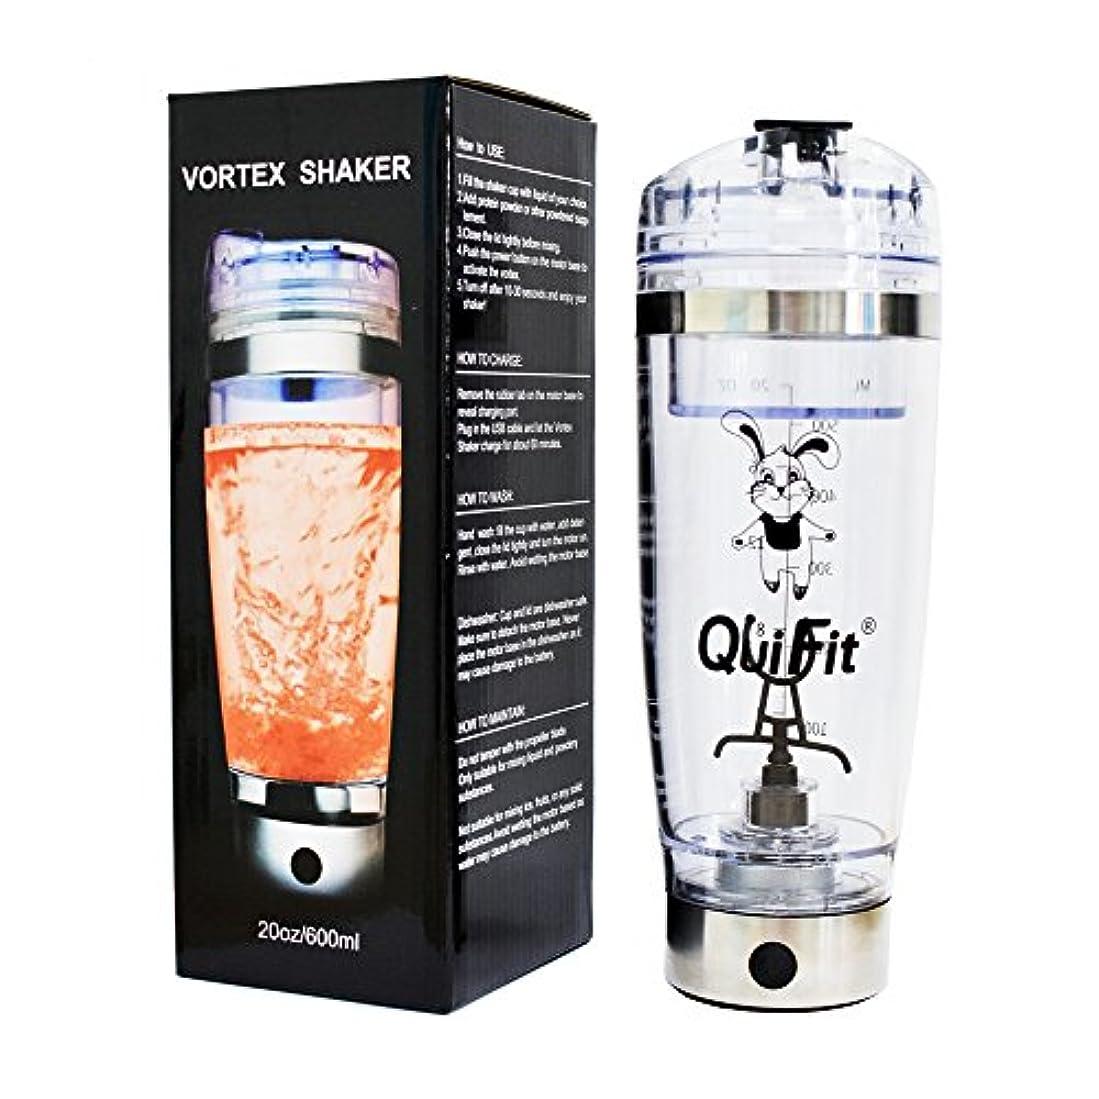 失速一次症状電気タンパク質振動瓶、QuiFit 20 OZ USB充電式タンパク質スクロールカップ、パウダーシェイクに適した電動ポータブル自動ミキサー、100%リーク防止保証 - BPAなし (600ml)